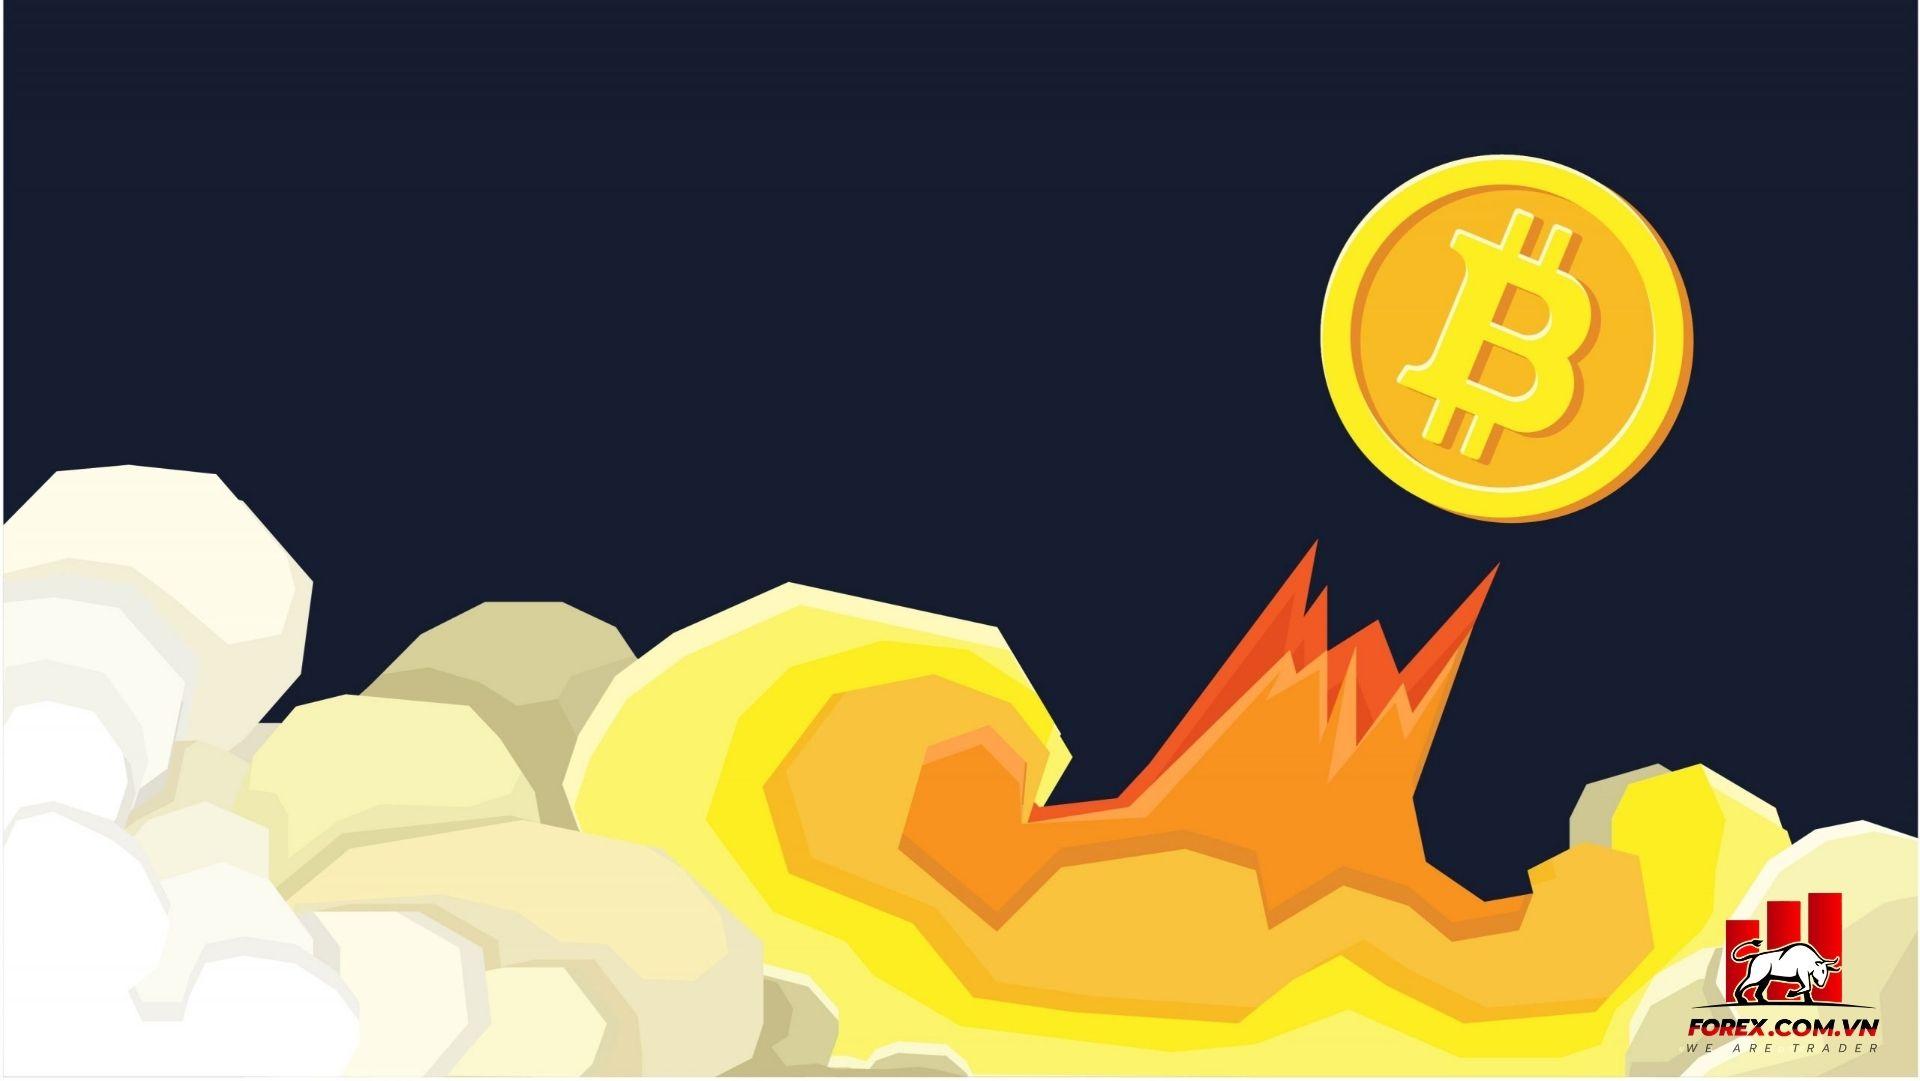 nhiều nhà đầu tư đánh giá đặt cược giá bitcoin tăng 5 lần là điên rồ